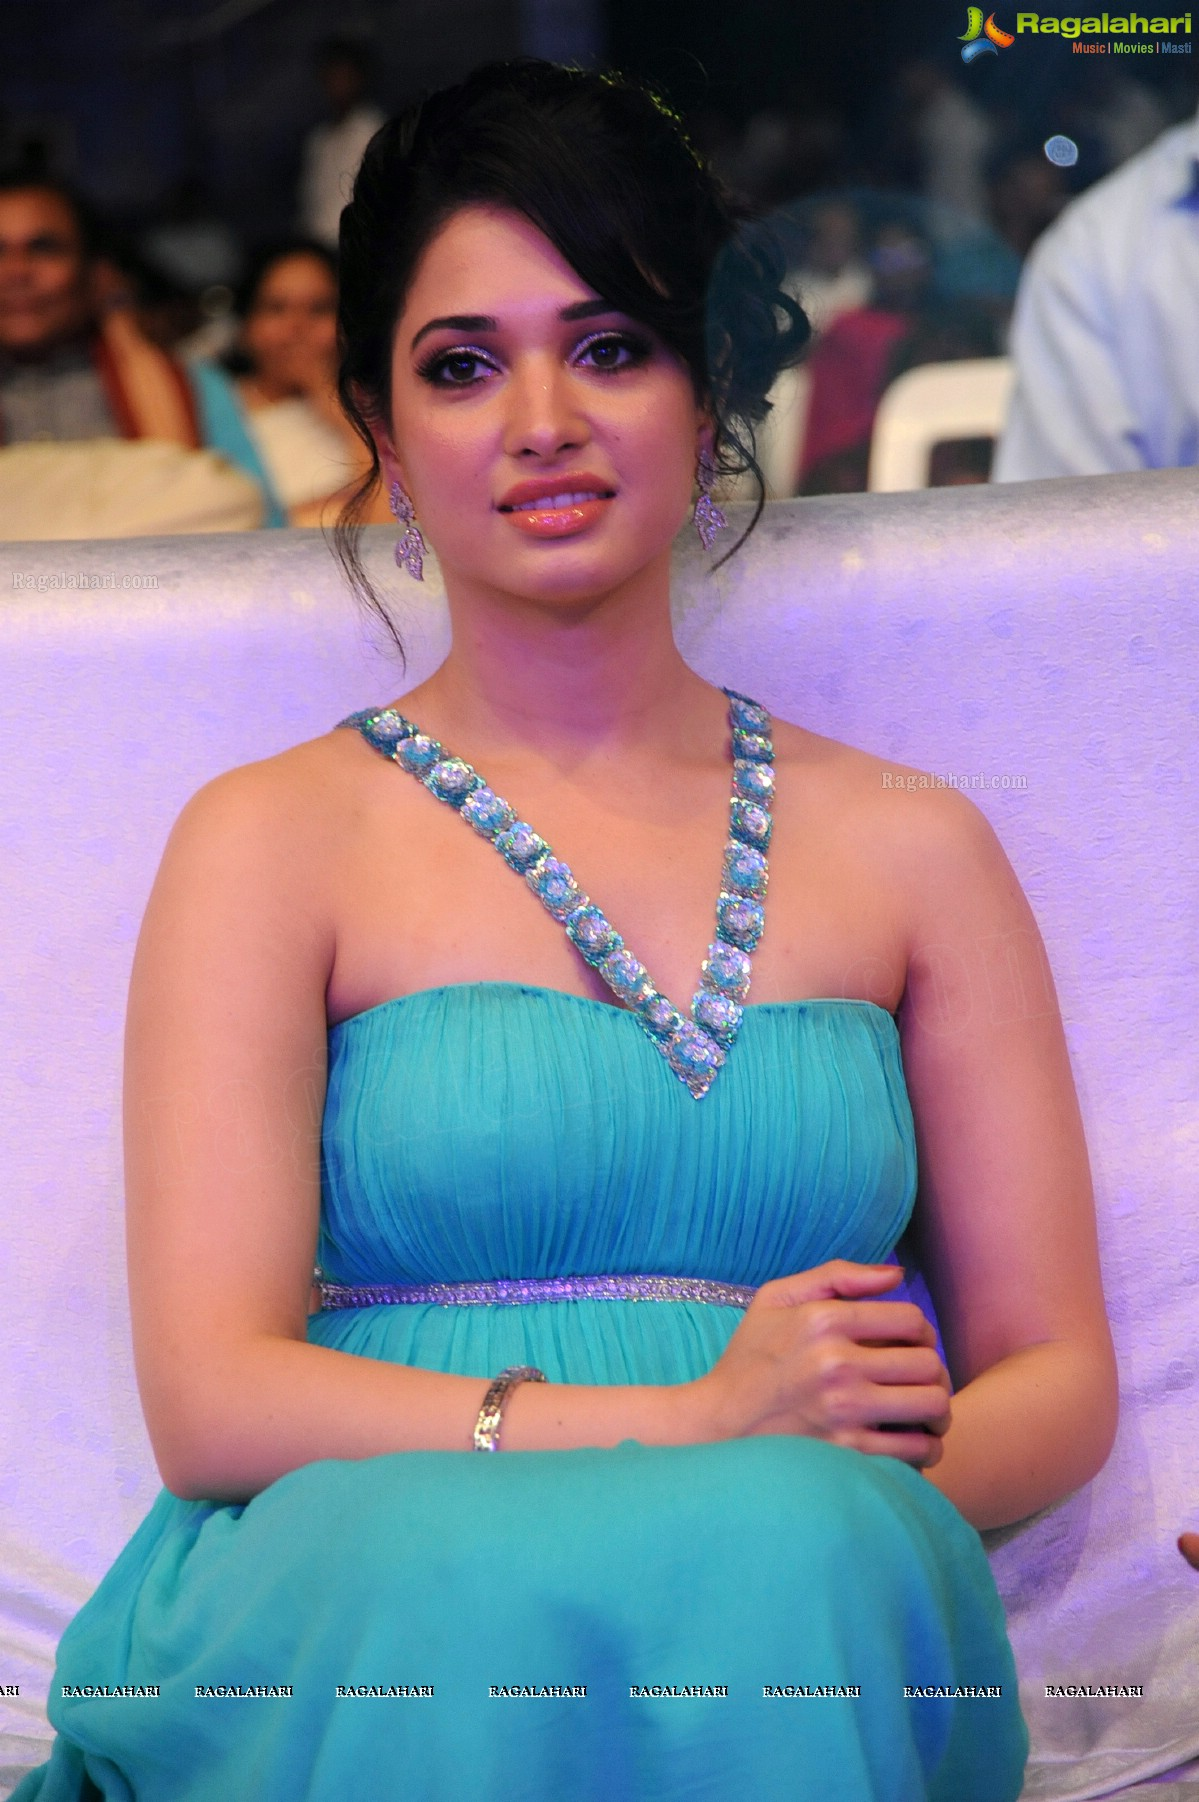 tamanna image 57 | telugu heroines photos,telugu actress photos